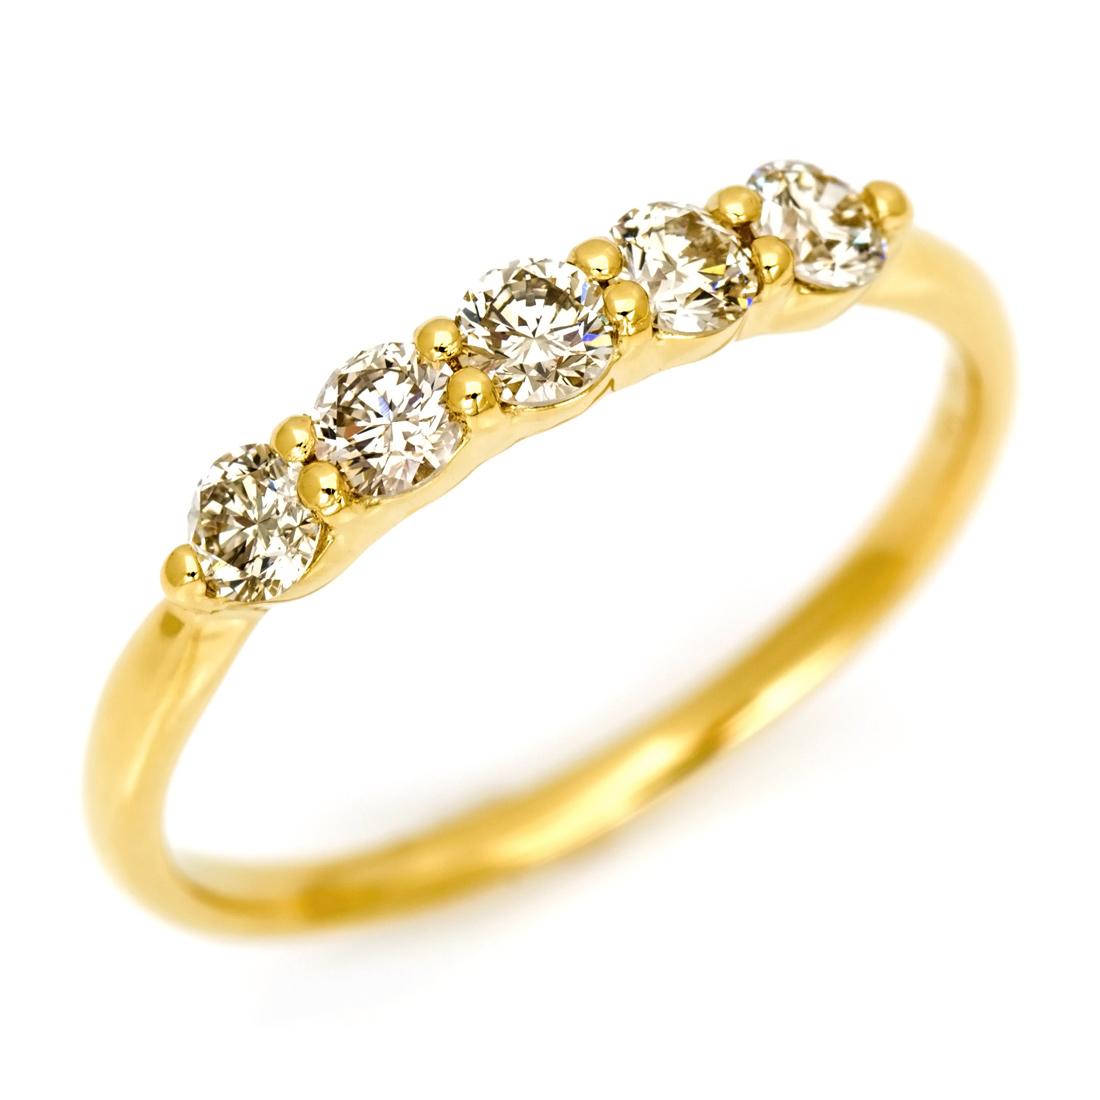 【GWクーポン配布中】K18 ダイヤモンド リング 「clarita」送料無料 指輪 ダイアモンド ストレート ファランジ 18K 18金 ゴールド 誕生日 4月誕生石 記念日 ピンキーリング対応可能 ギフト包装 贈り物